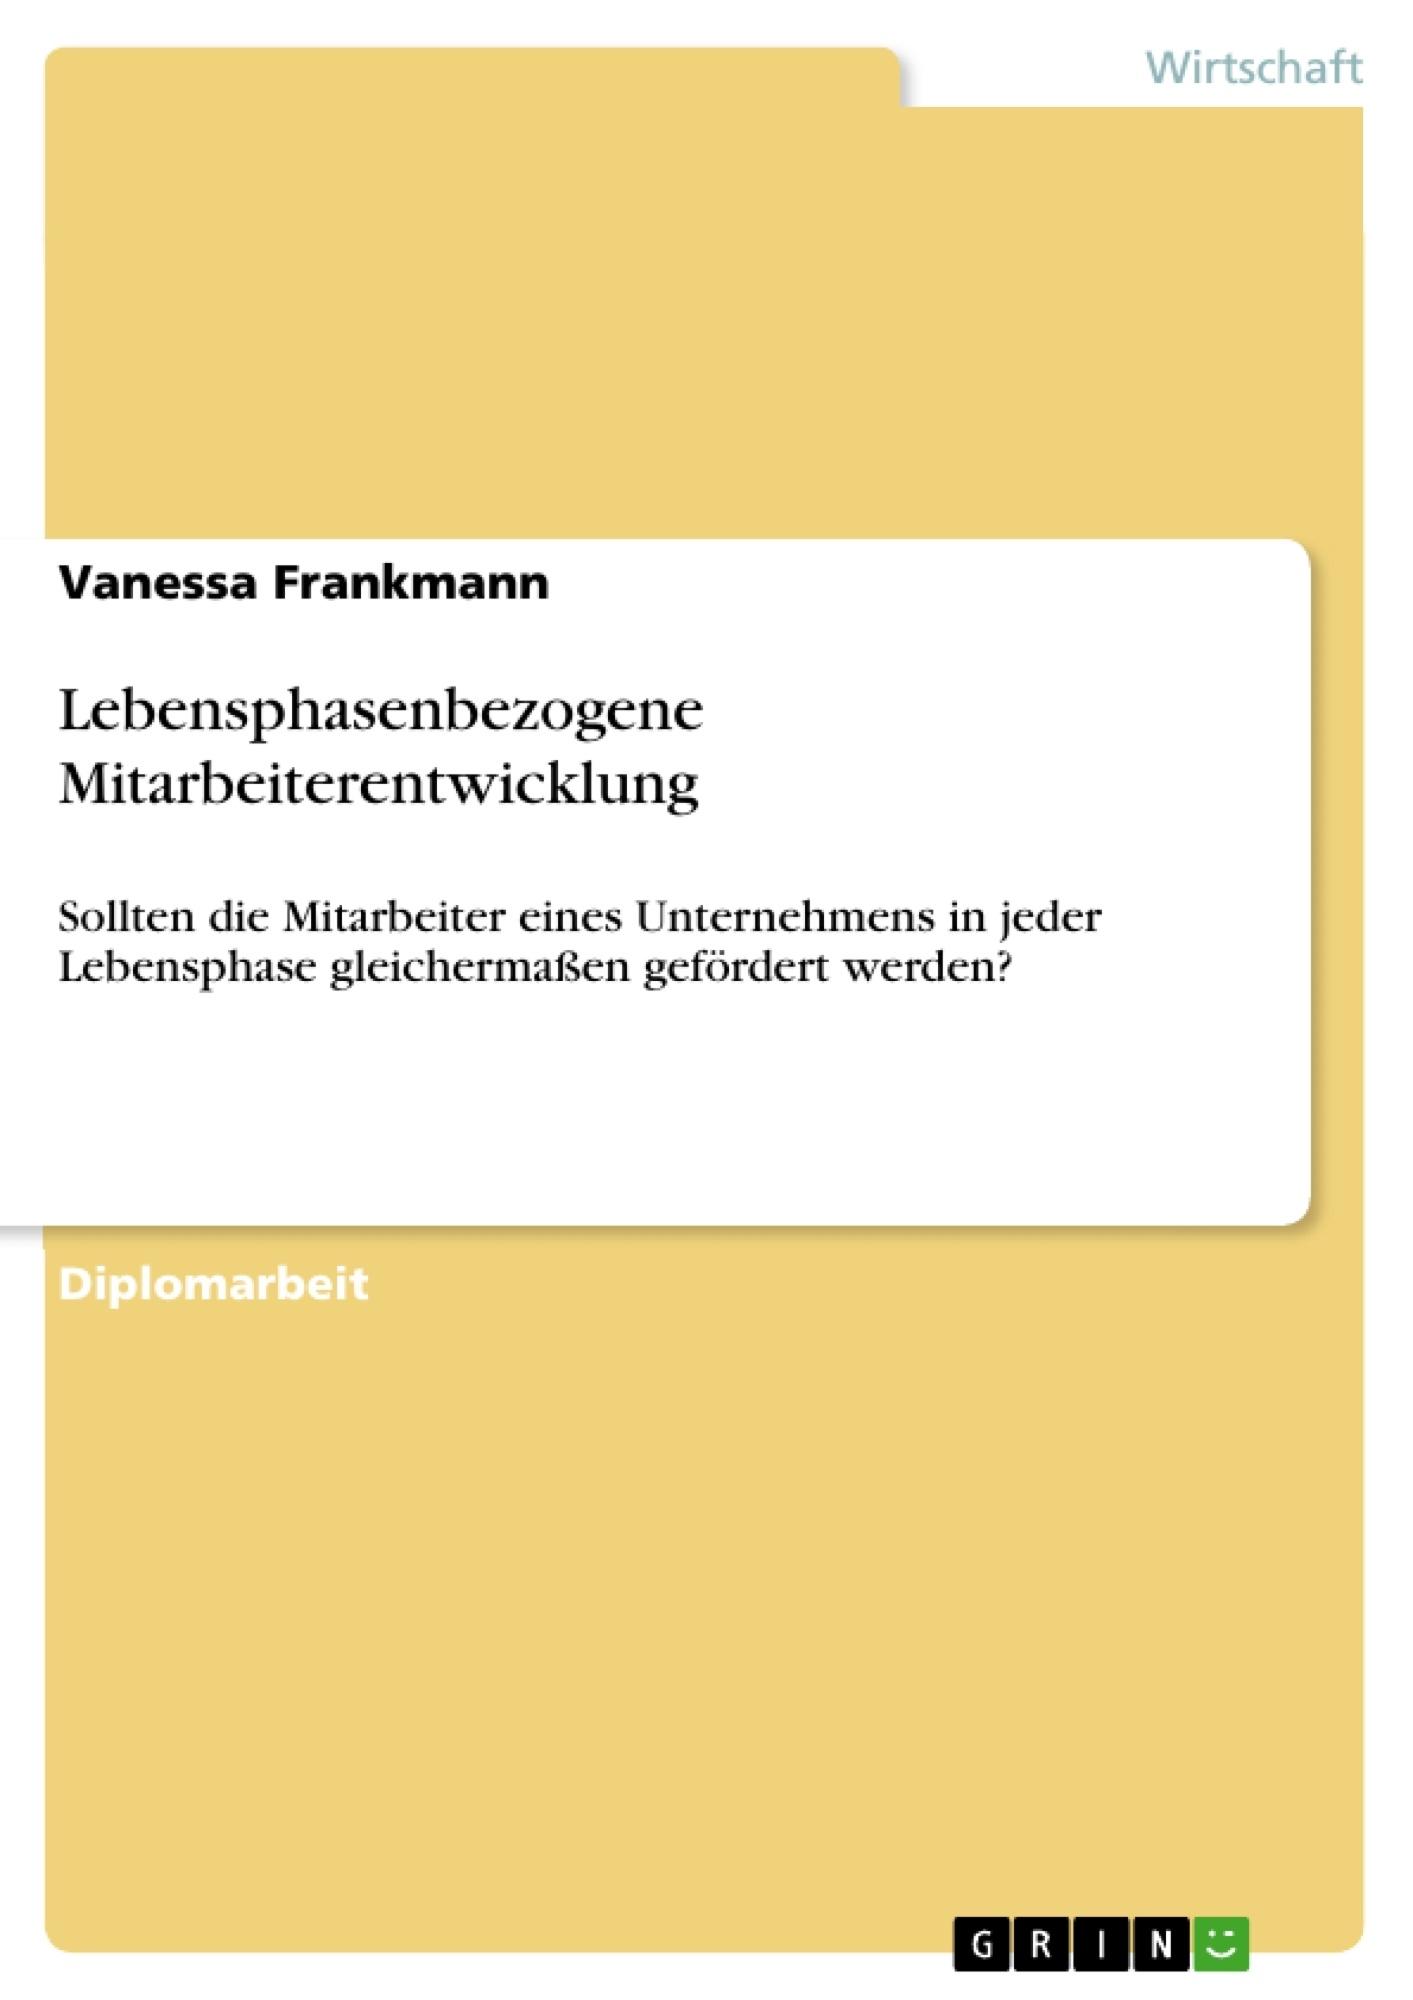 Titel: Lebensphasenbezogene Mitarbeiterentwicklung